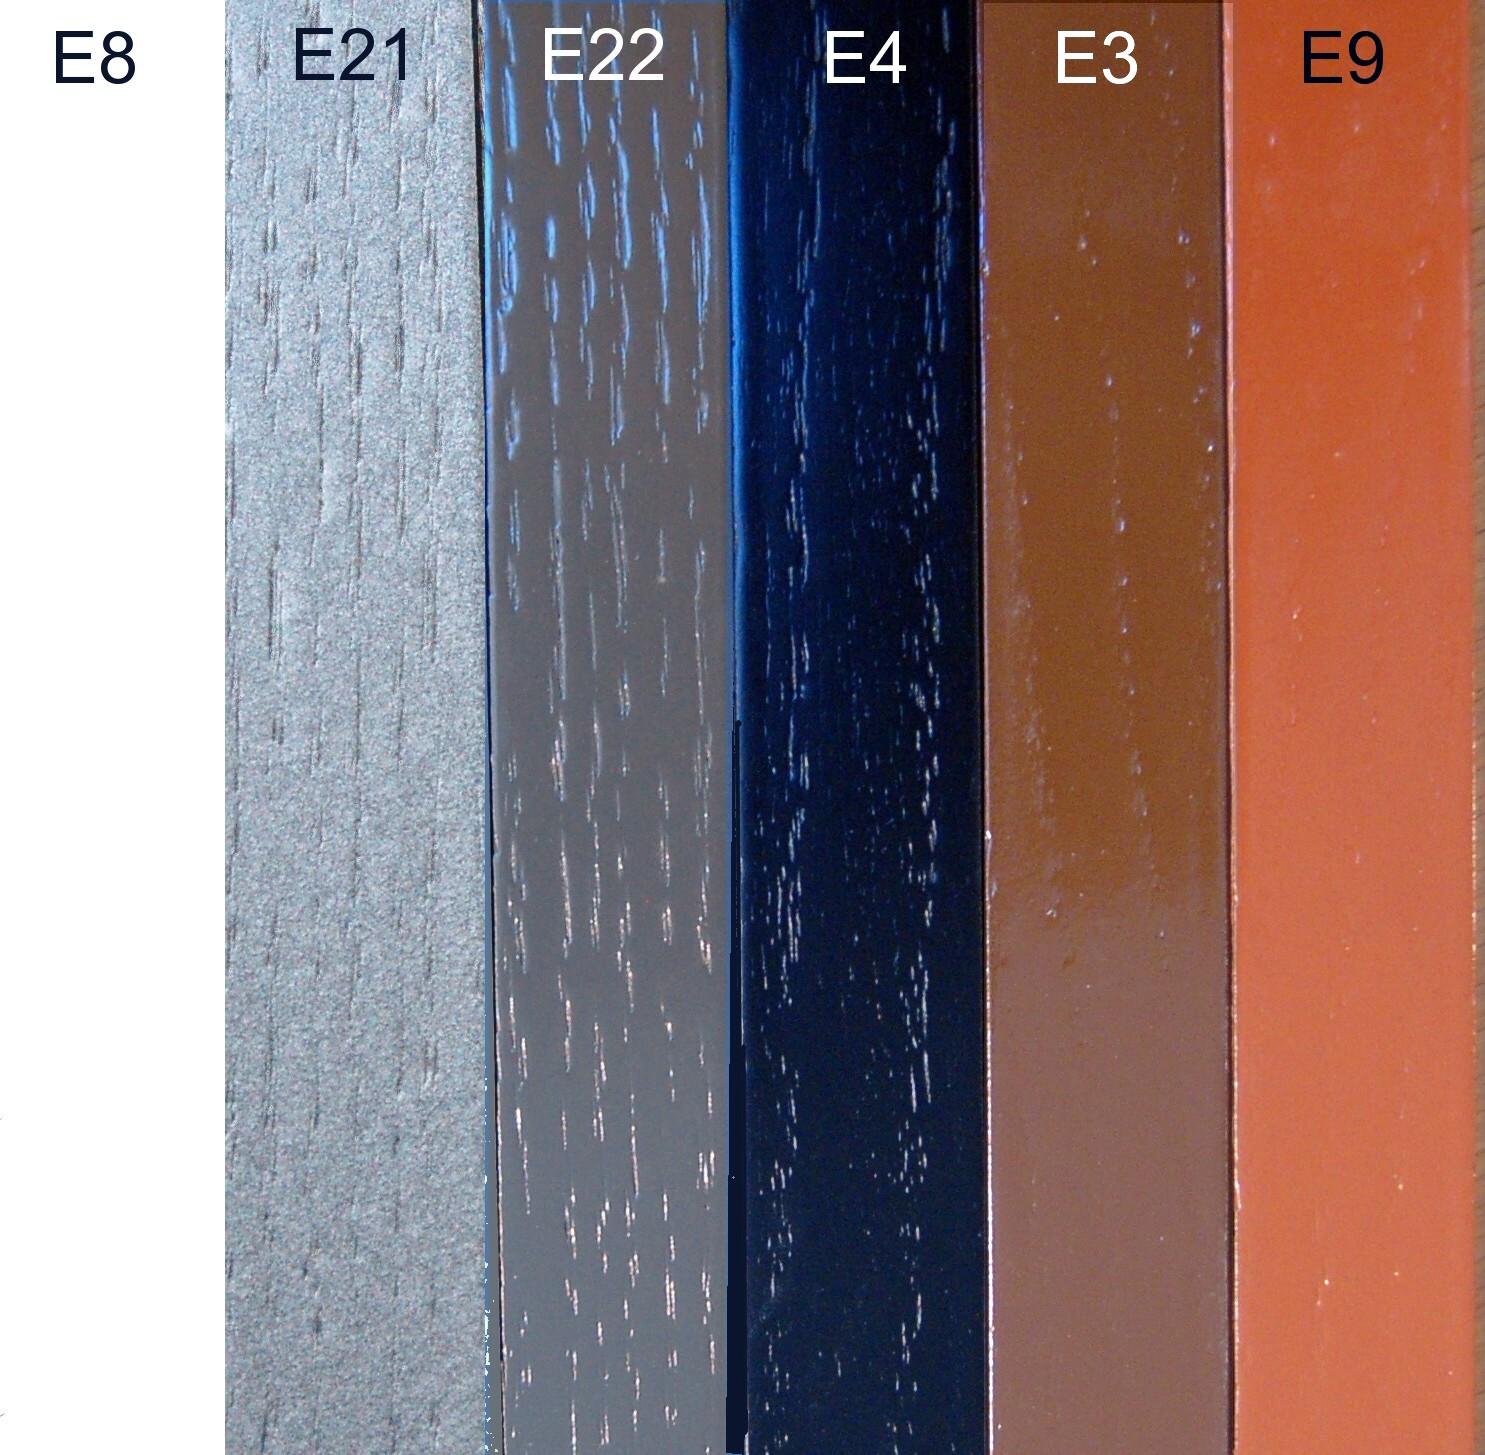 enamel-colors